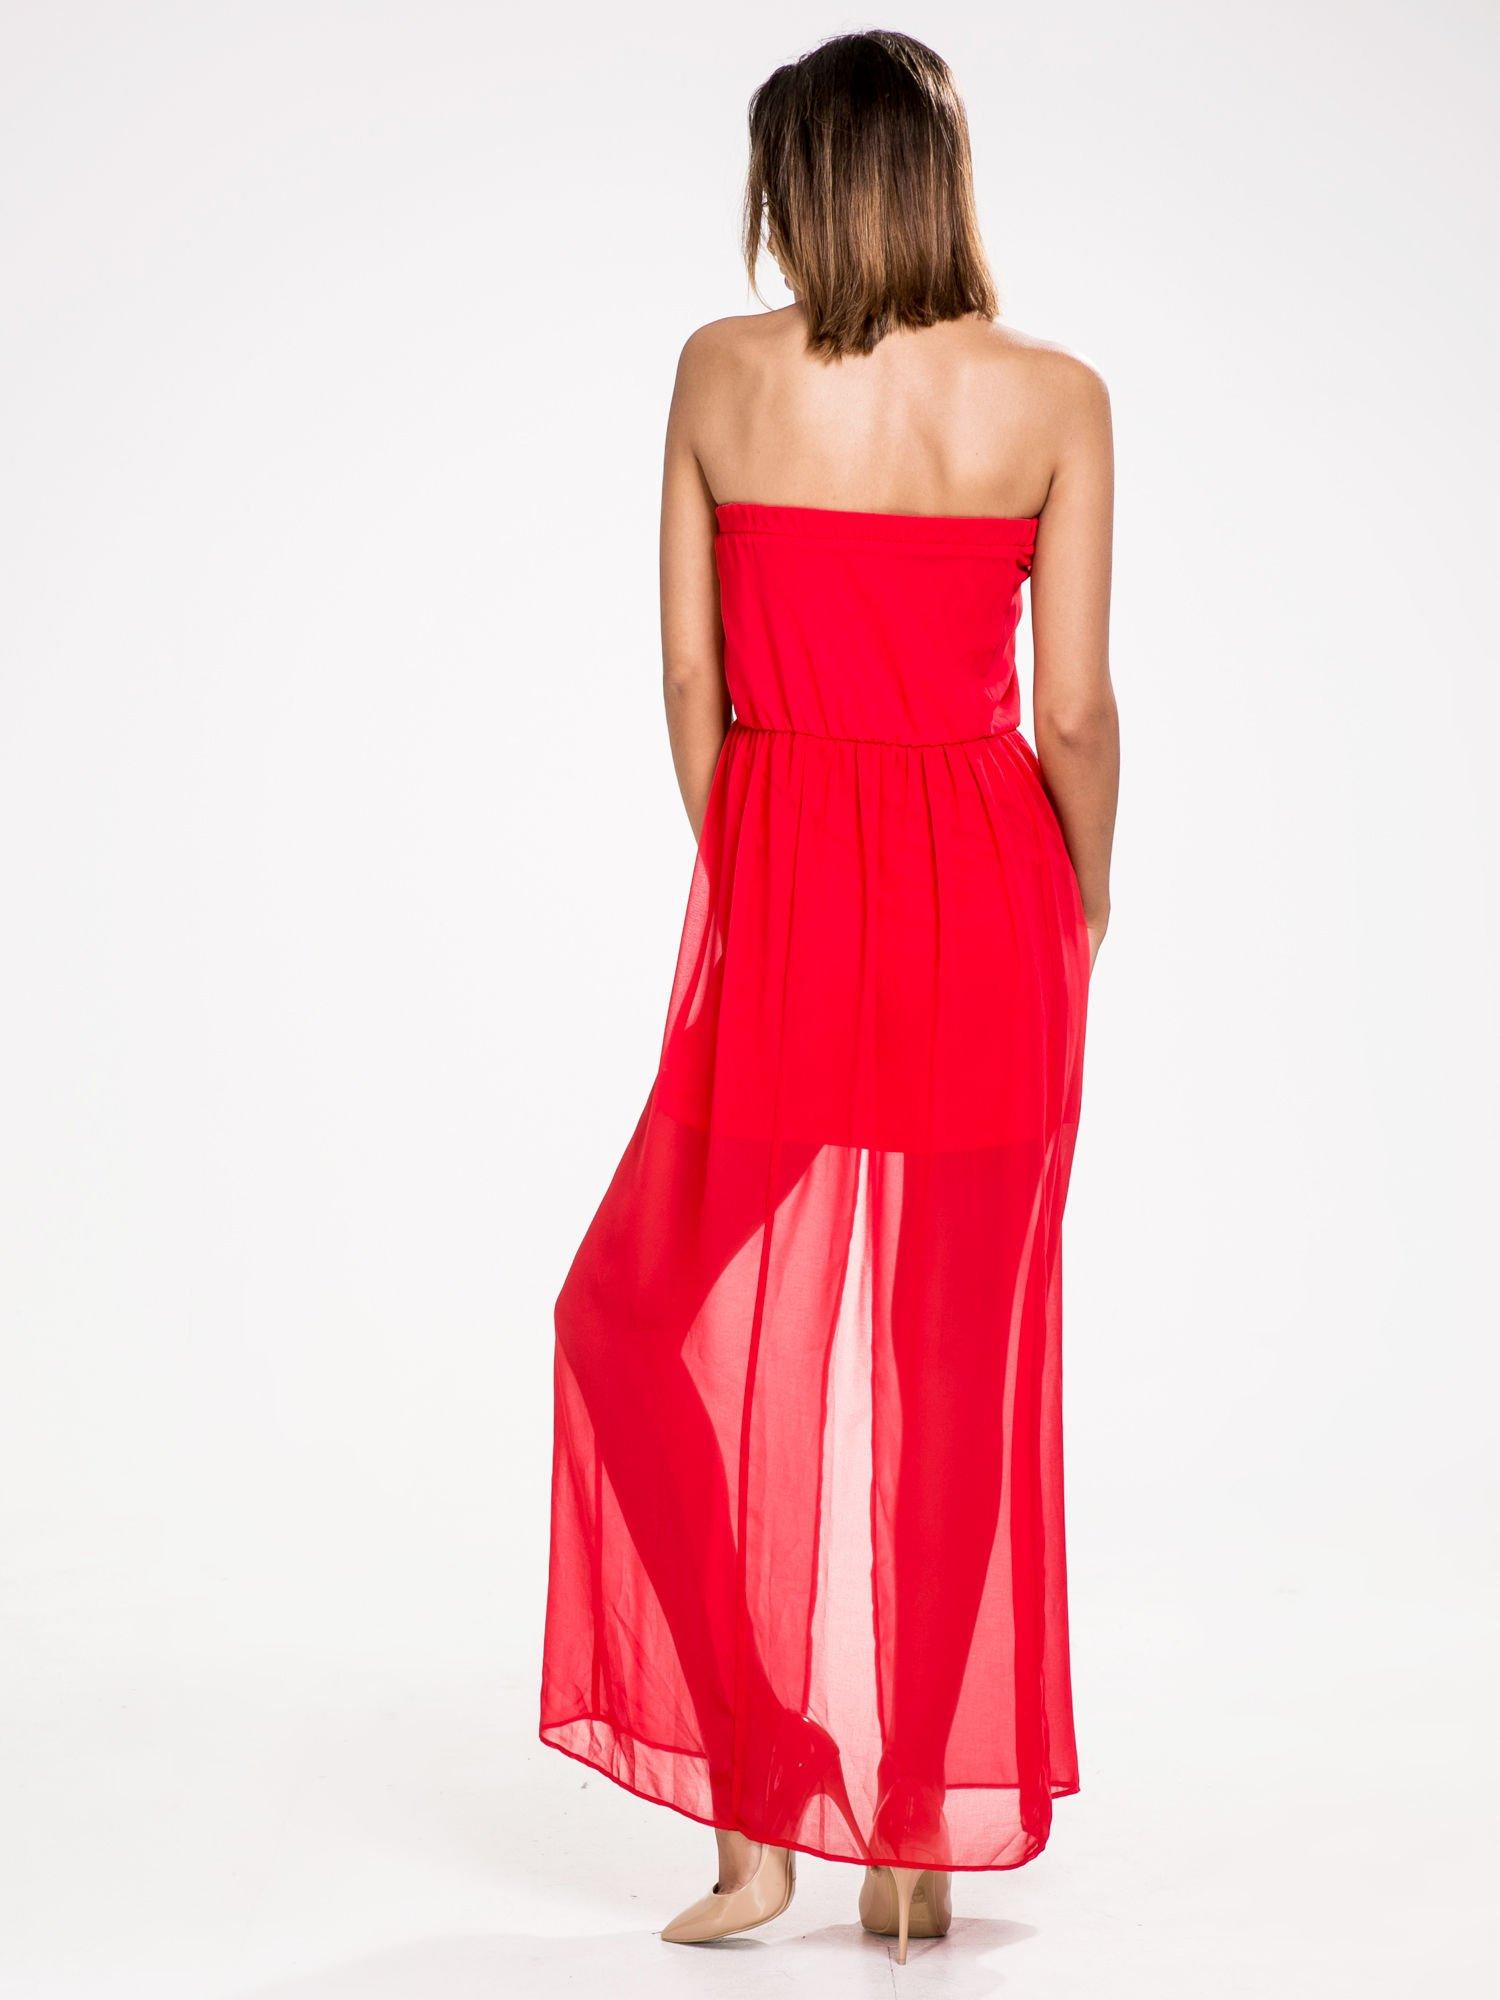 STRADIVARIUS Czerwona sukienka maxi z dekoltem gorsetowym                                  zdj.                                  2